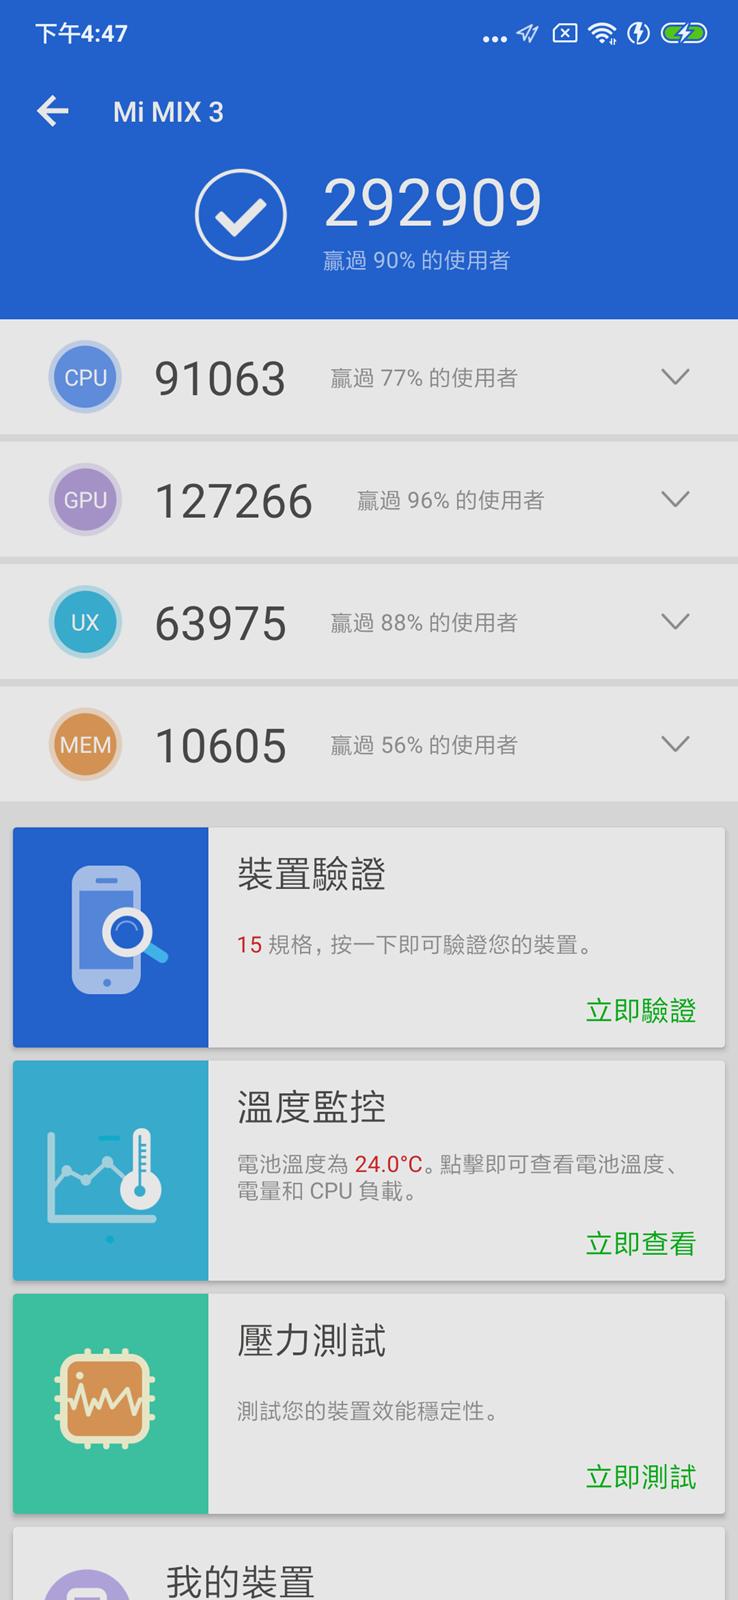 [性能電力測] 首款滑蓋全螢幕小米 MIX3,台灣版本性能電力實測 @3C 達人廖阿輝